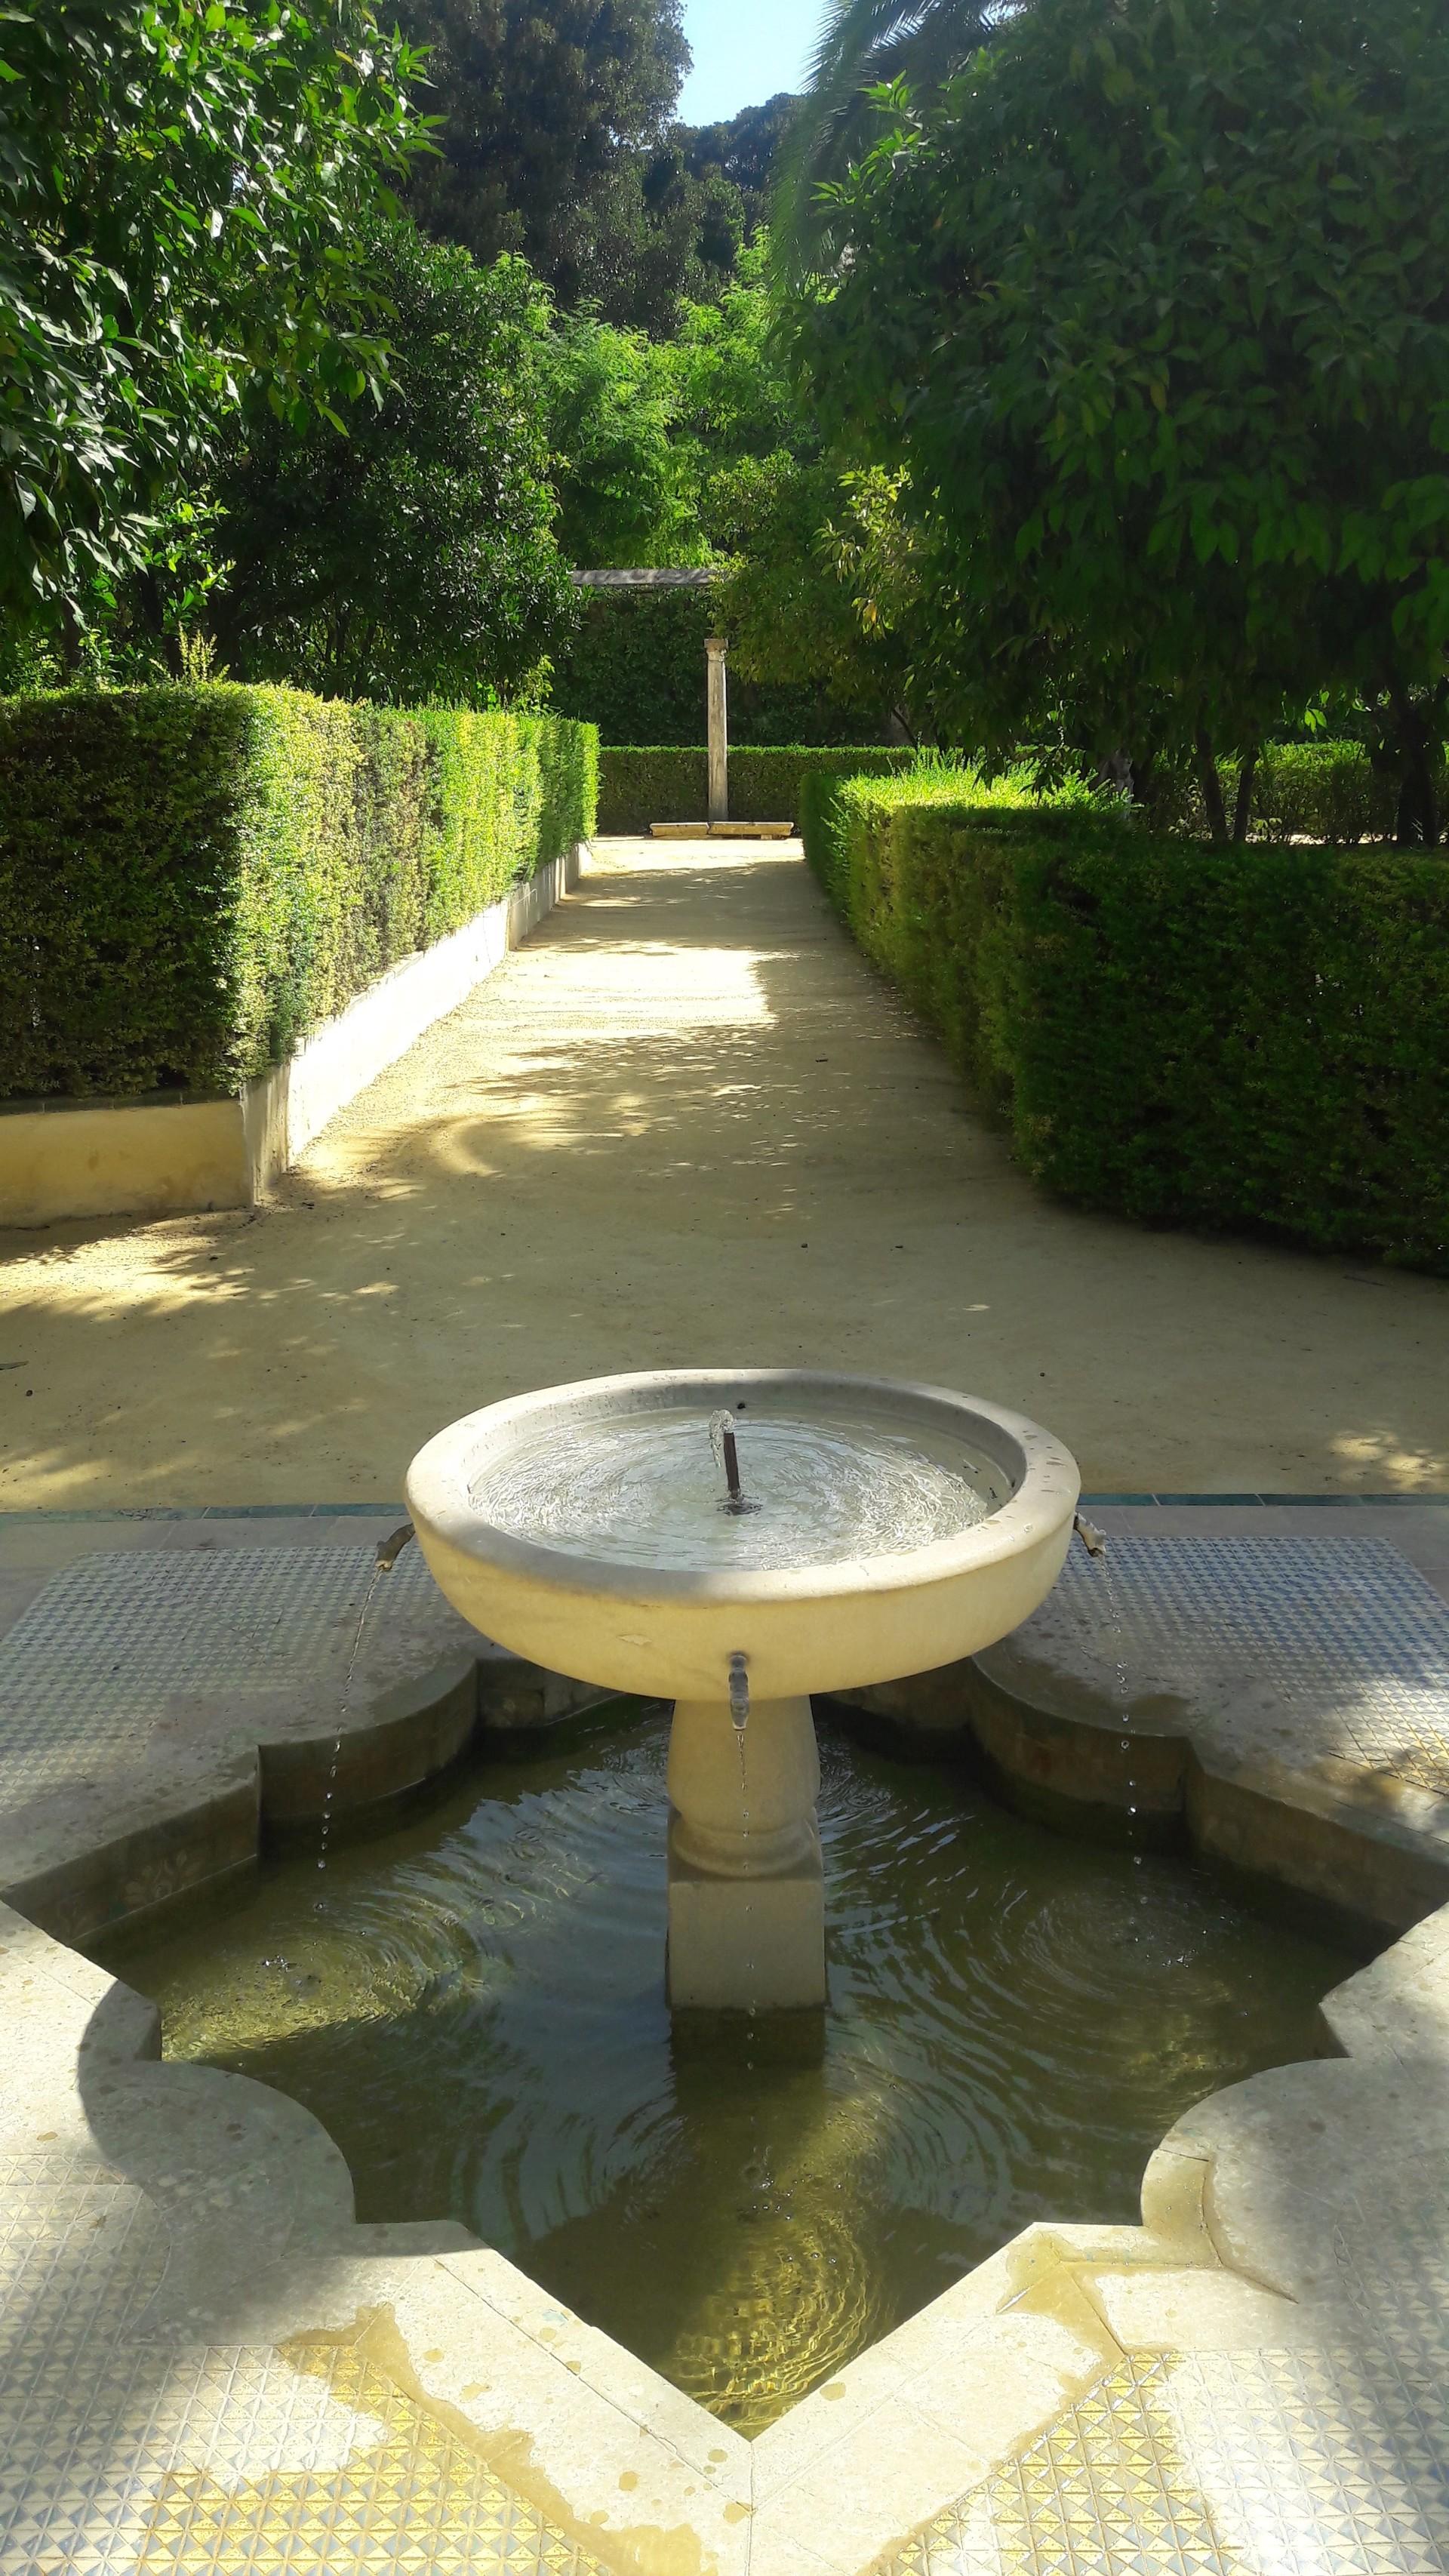 el-real-alcazar-sevilla-8691f140b9bdf5fe